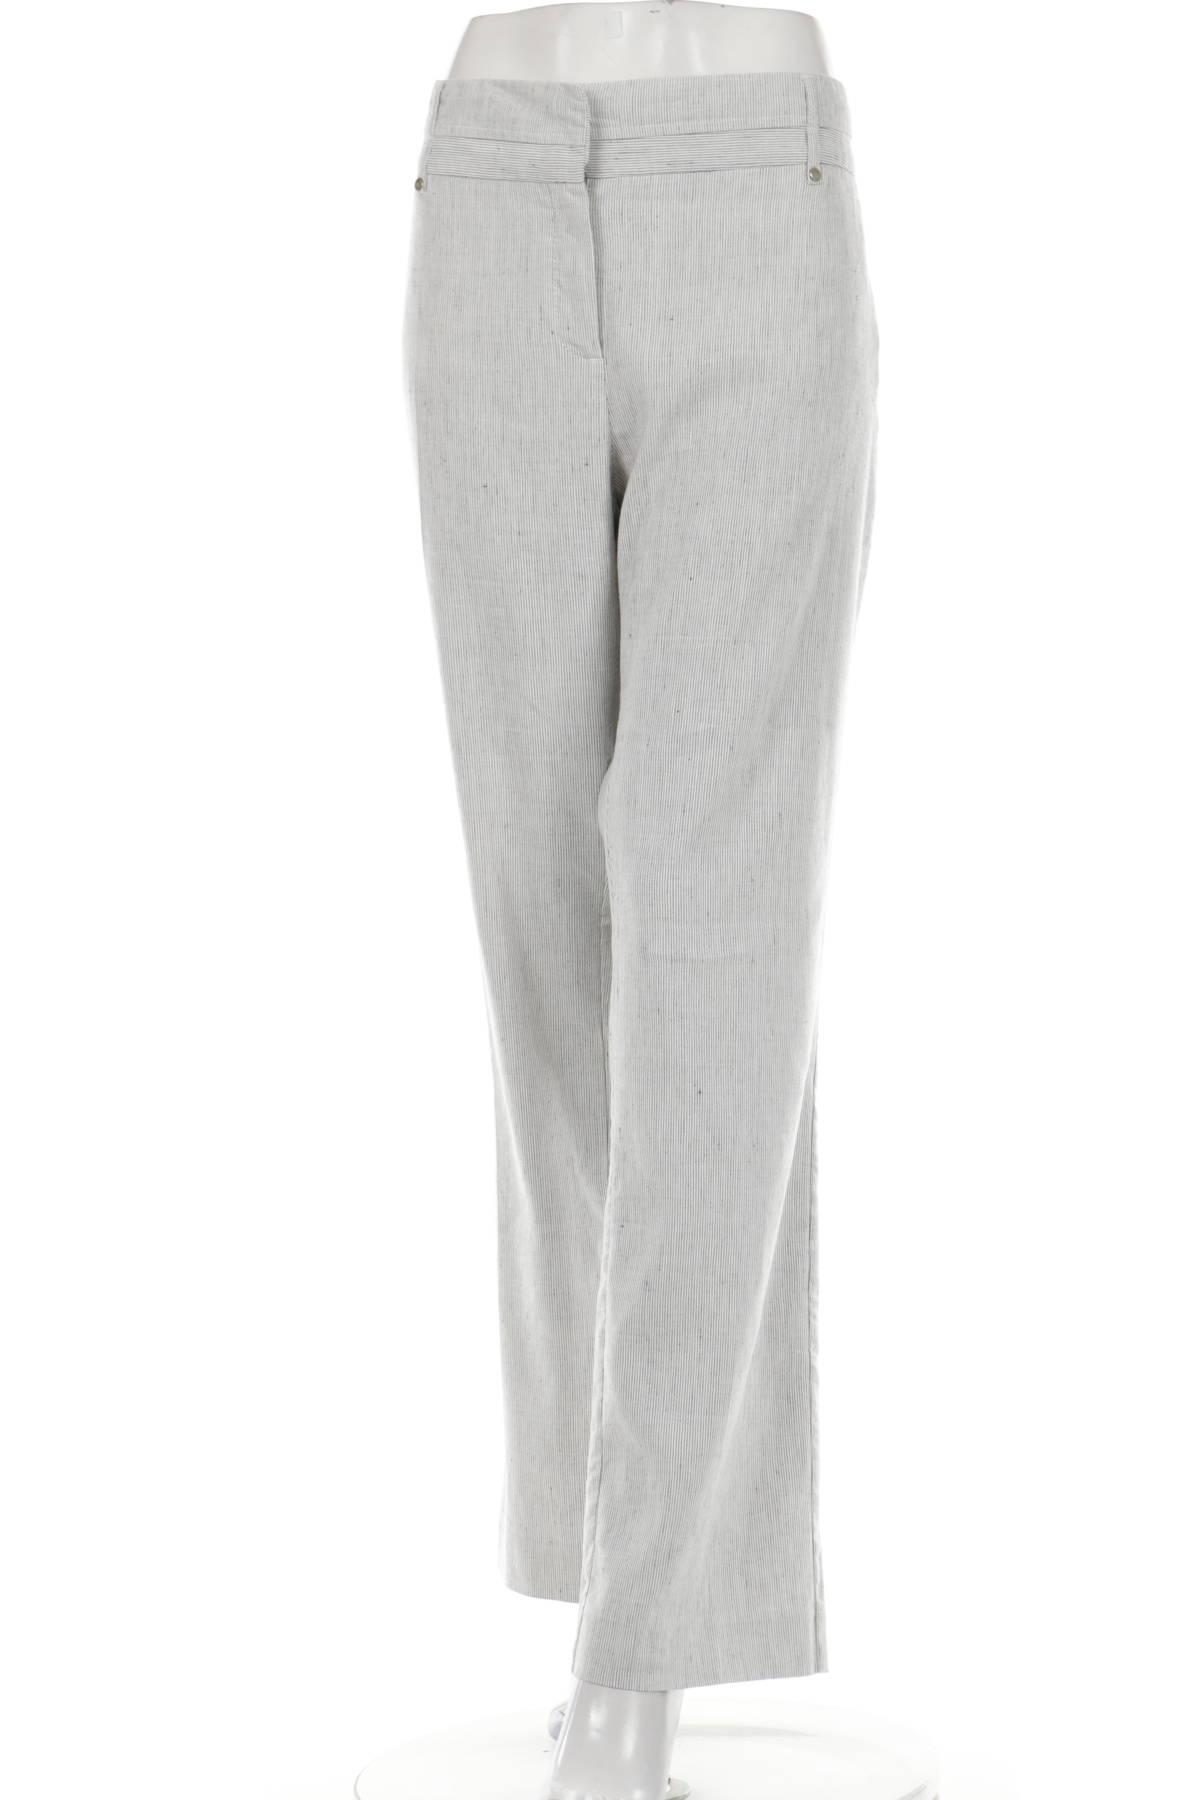 Панталон PROMISS1